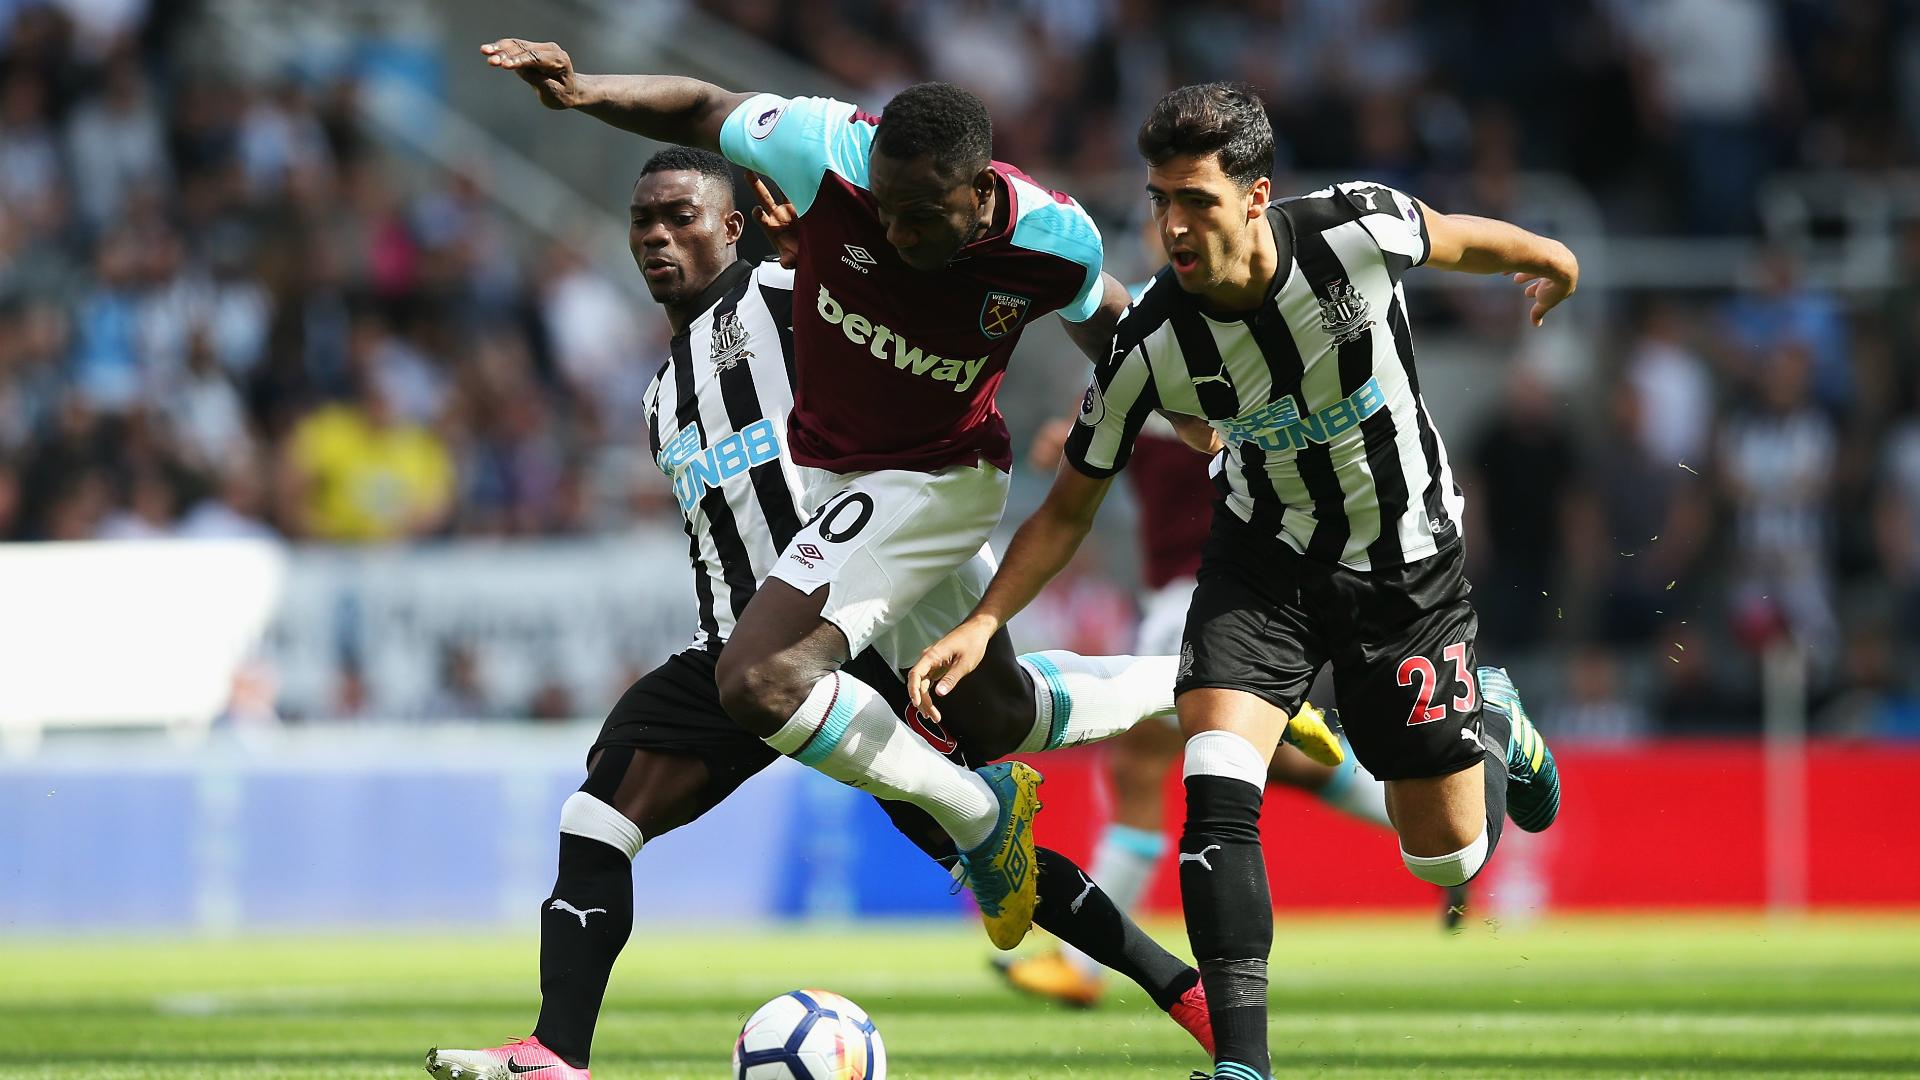 Newcastle United West Ham